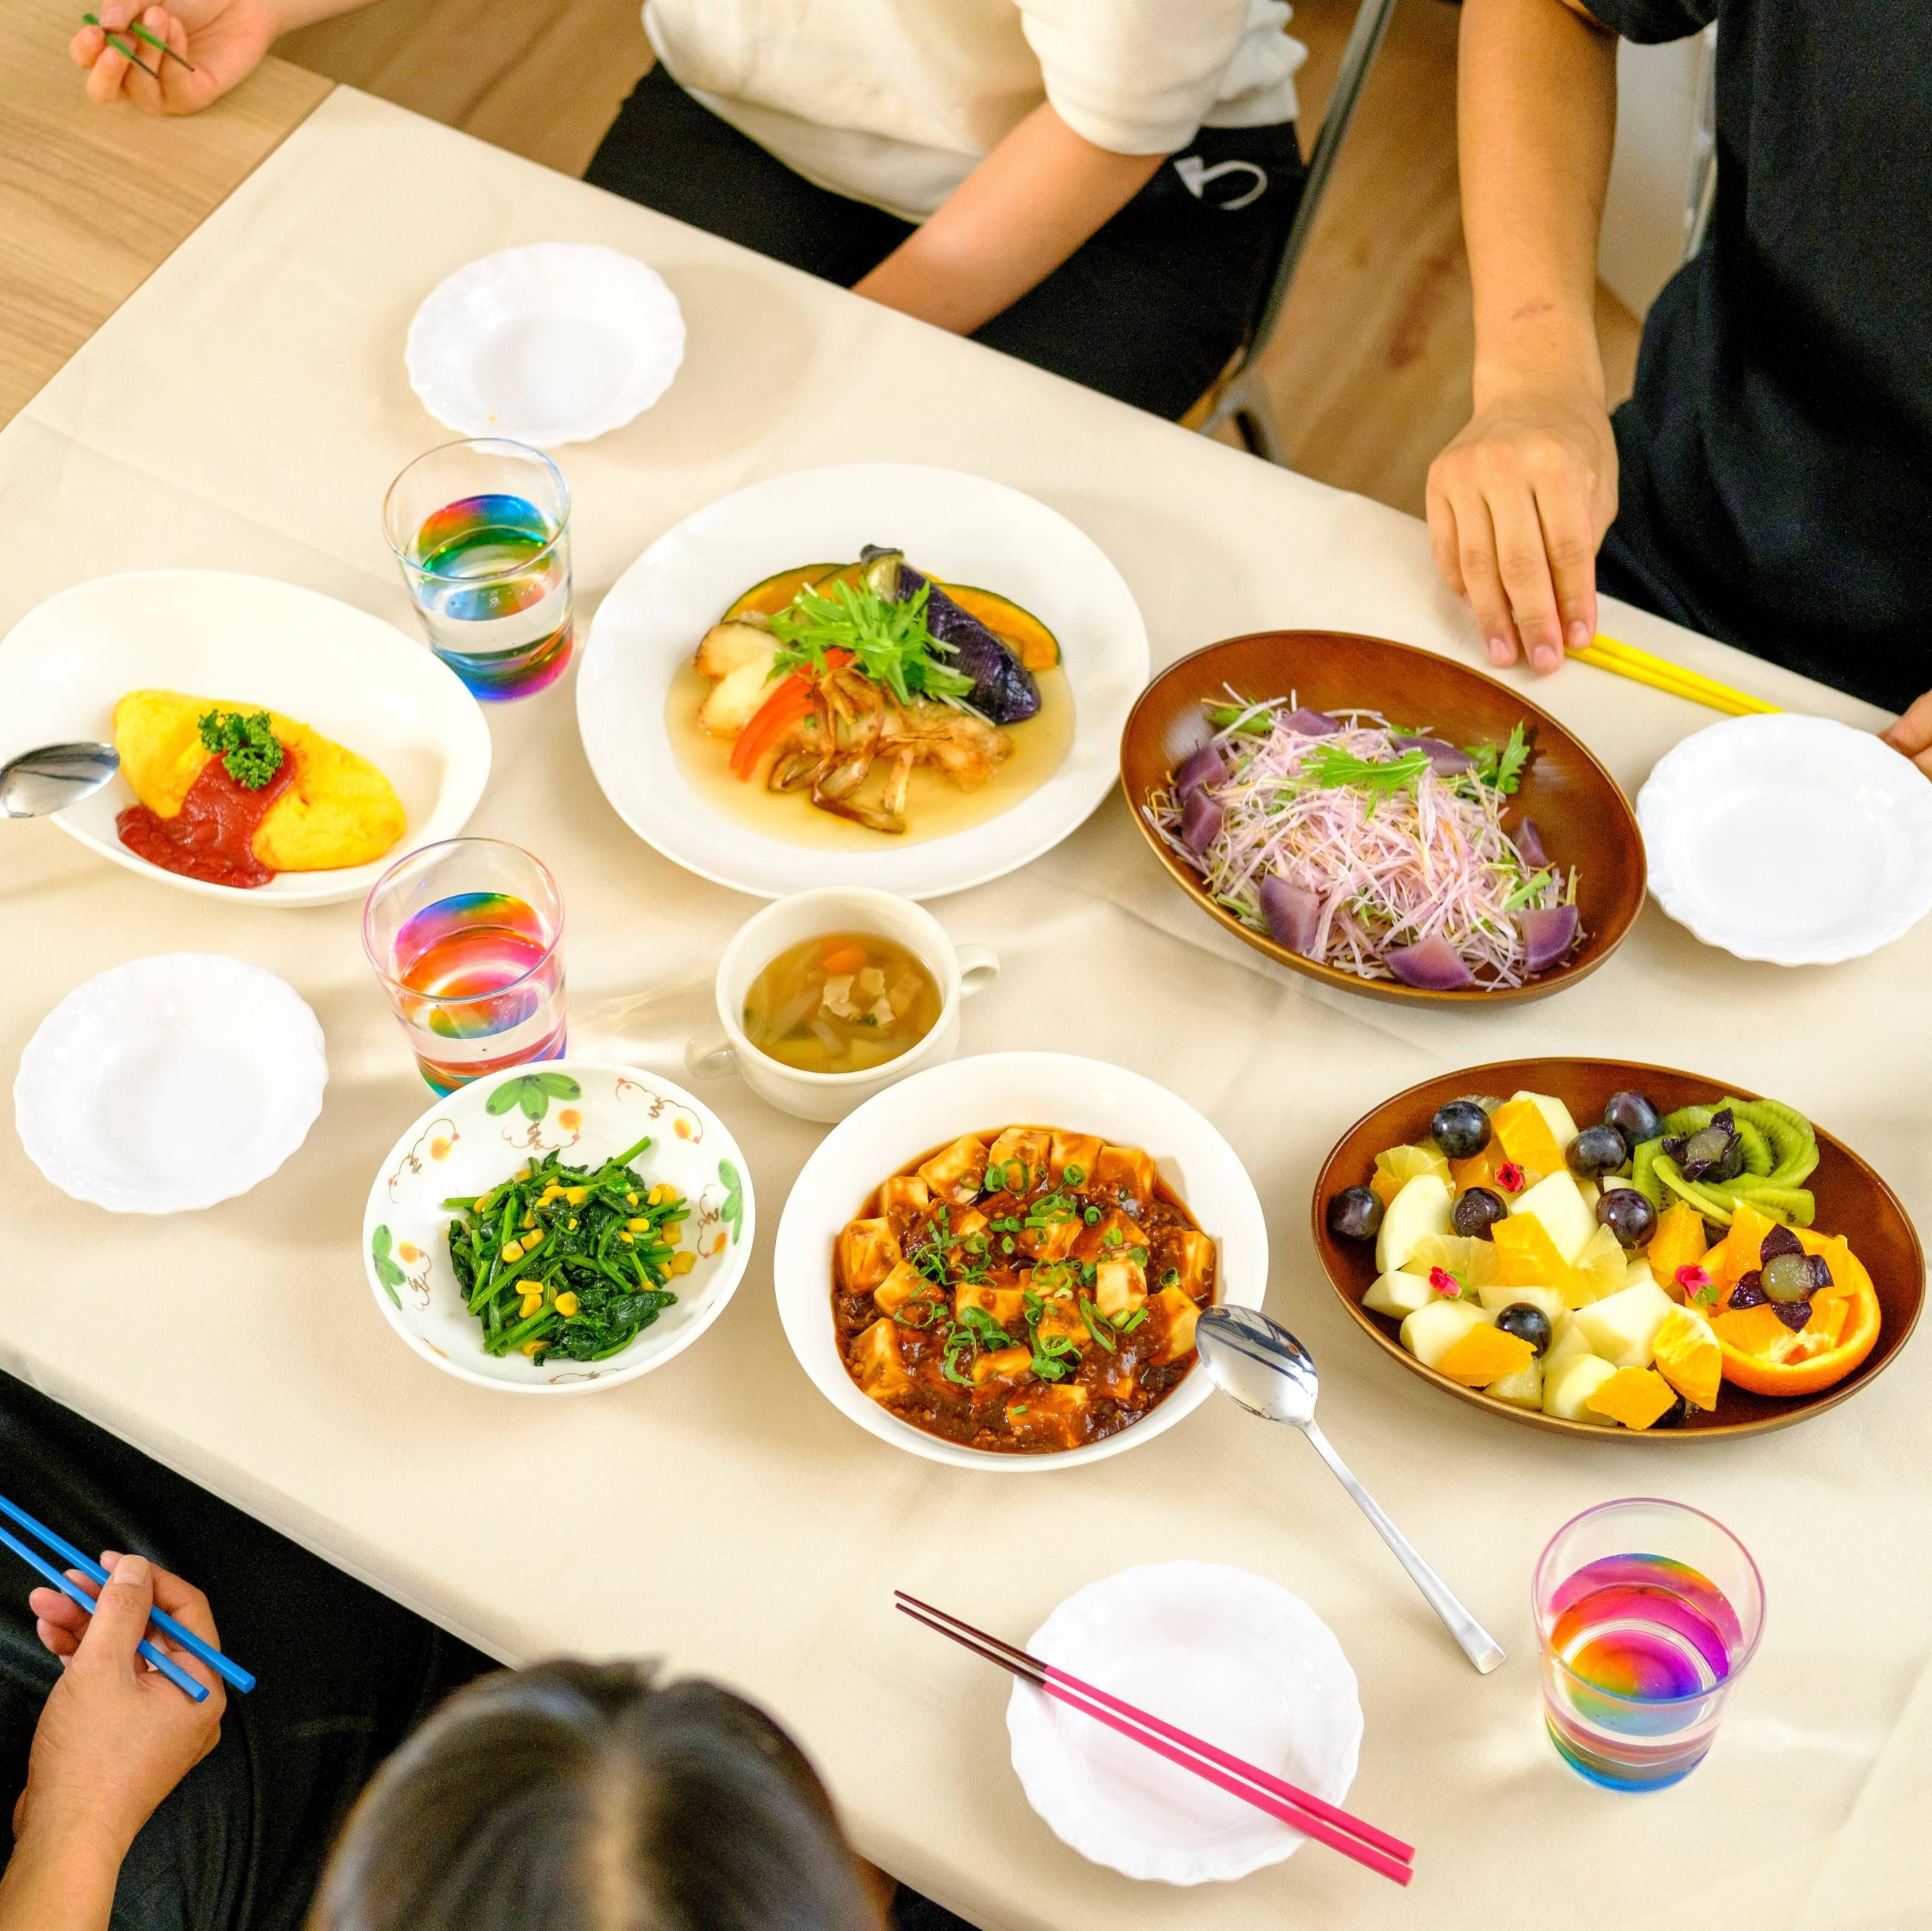 社会福祉法人江南会 障害者支援施設熊谷